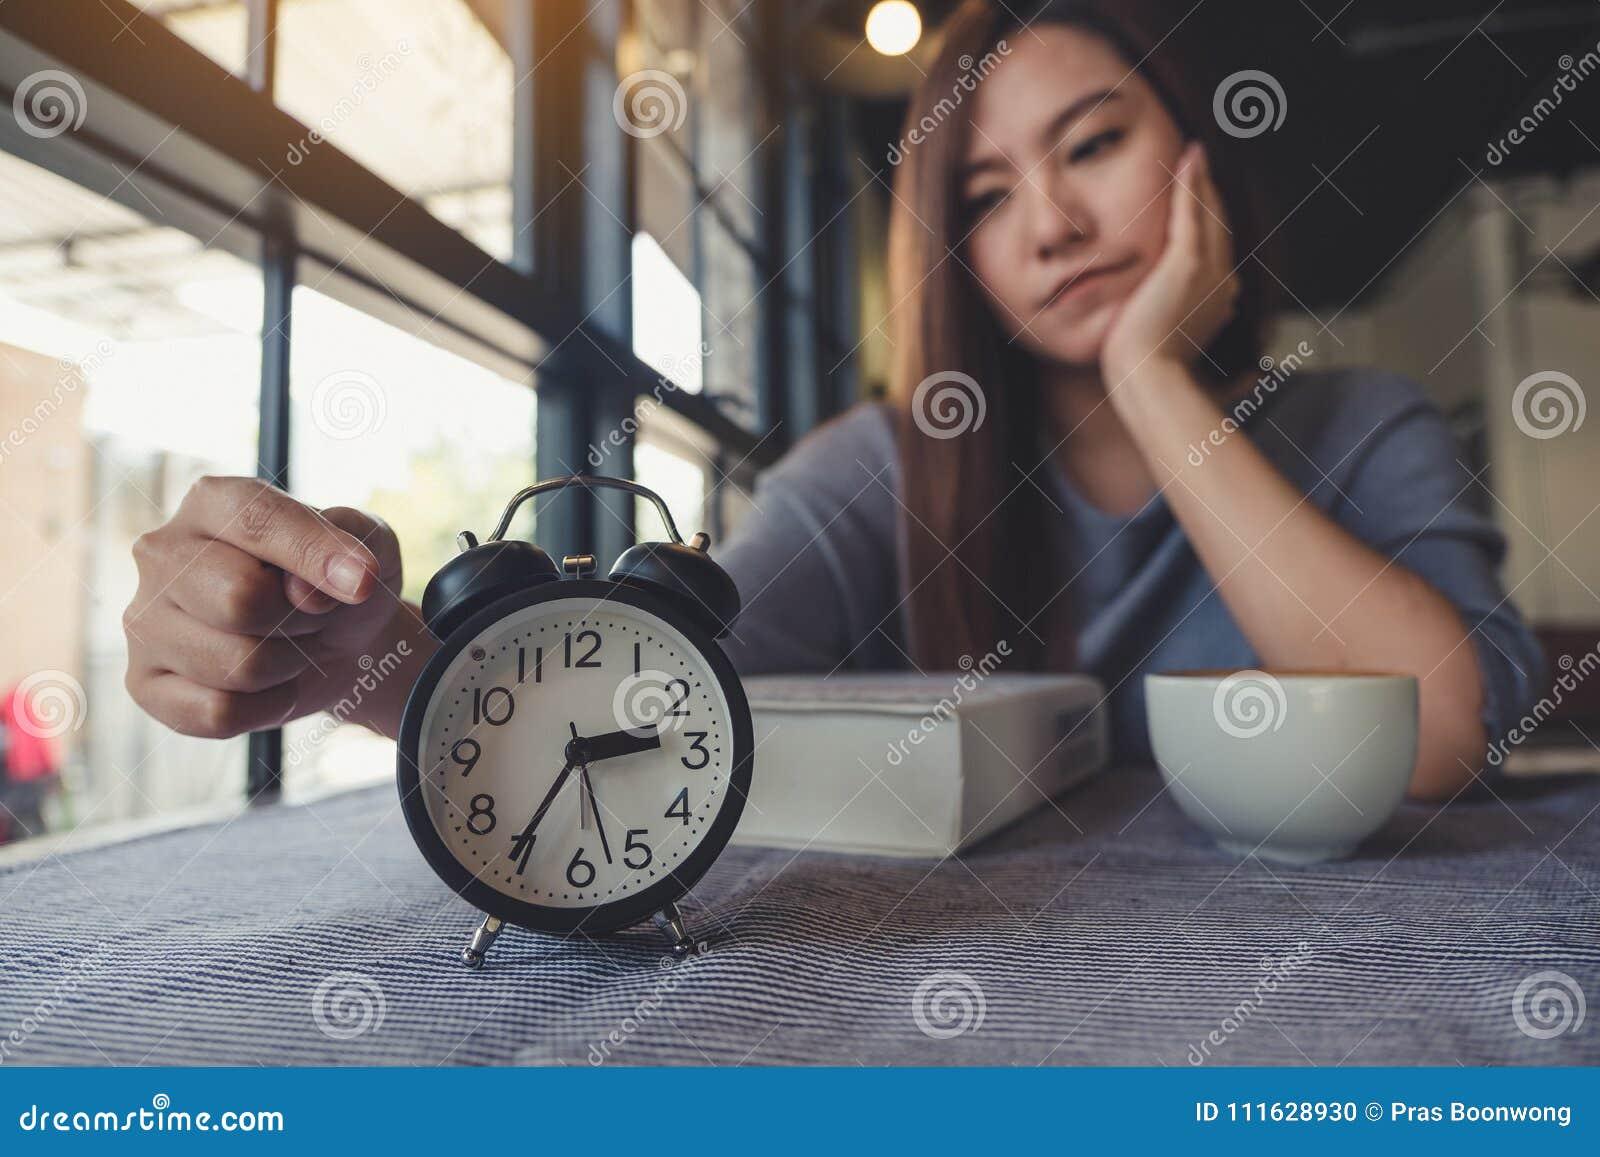 Asiatin, die auf eine schwarze Uhr mit dem Gefühl beim Warten auf jemand gebohrt zeigt